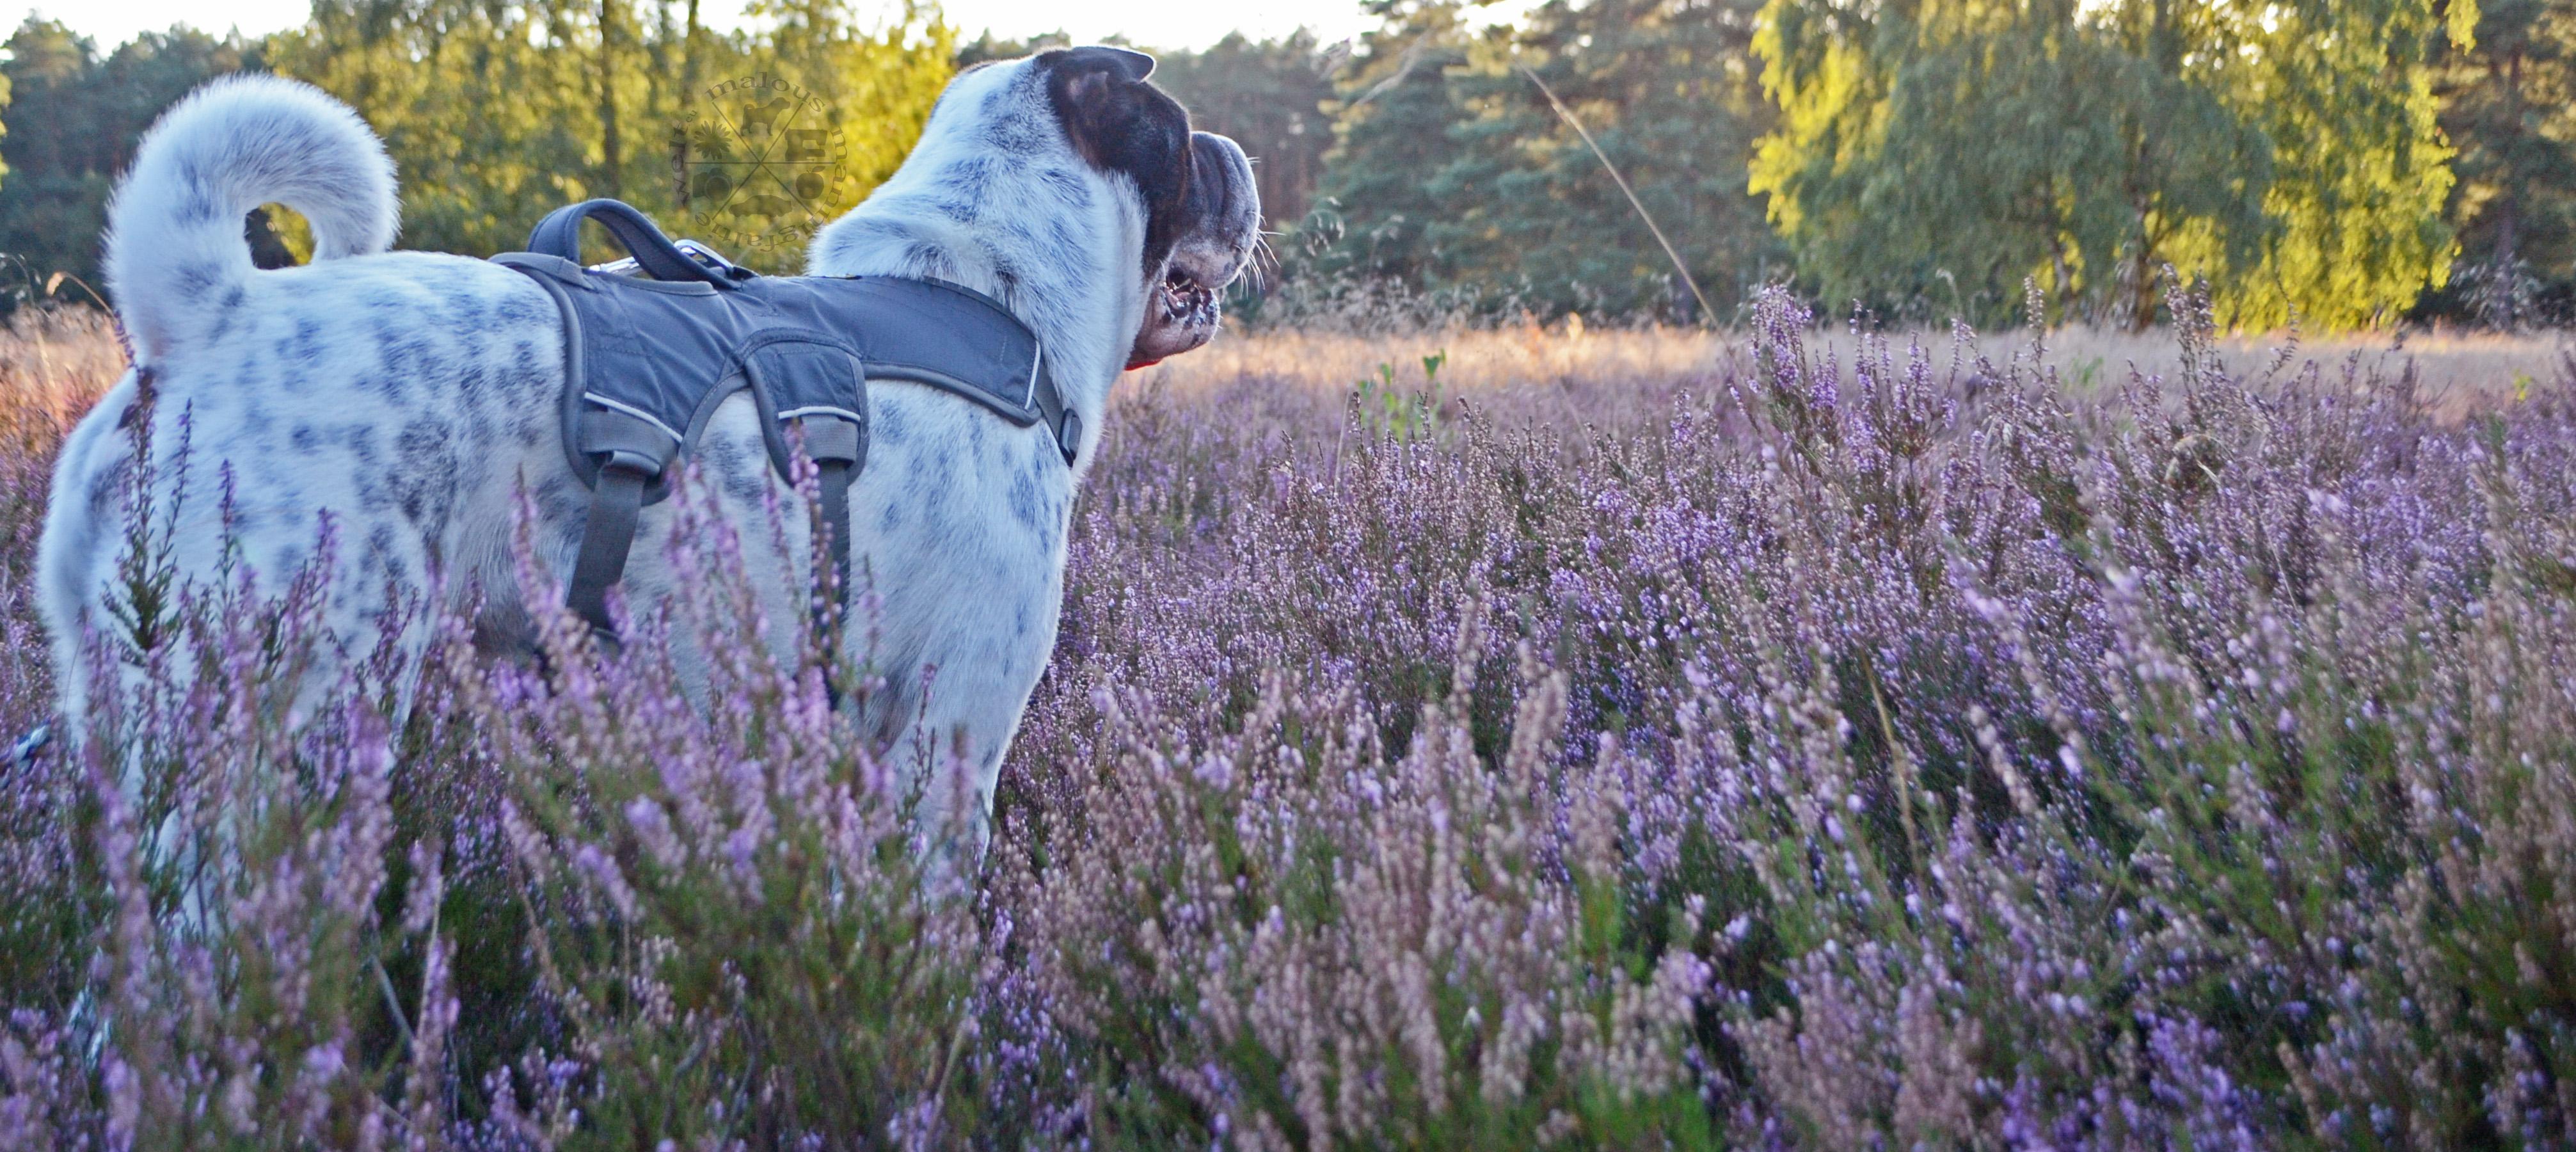 Ausflug Heide Hund Shar Pei Kingston Blogbeitrag Hundeblog Blog schöner Ausflug guter Wanderung Tierpark Zoo Bedürnisse Anforderung